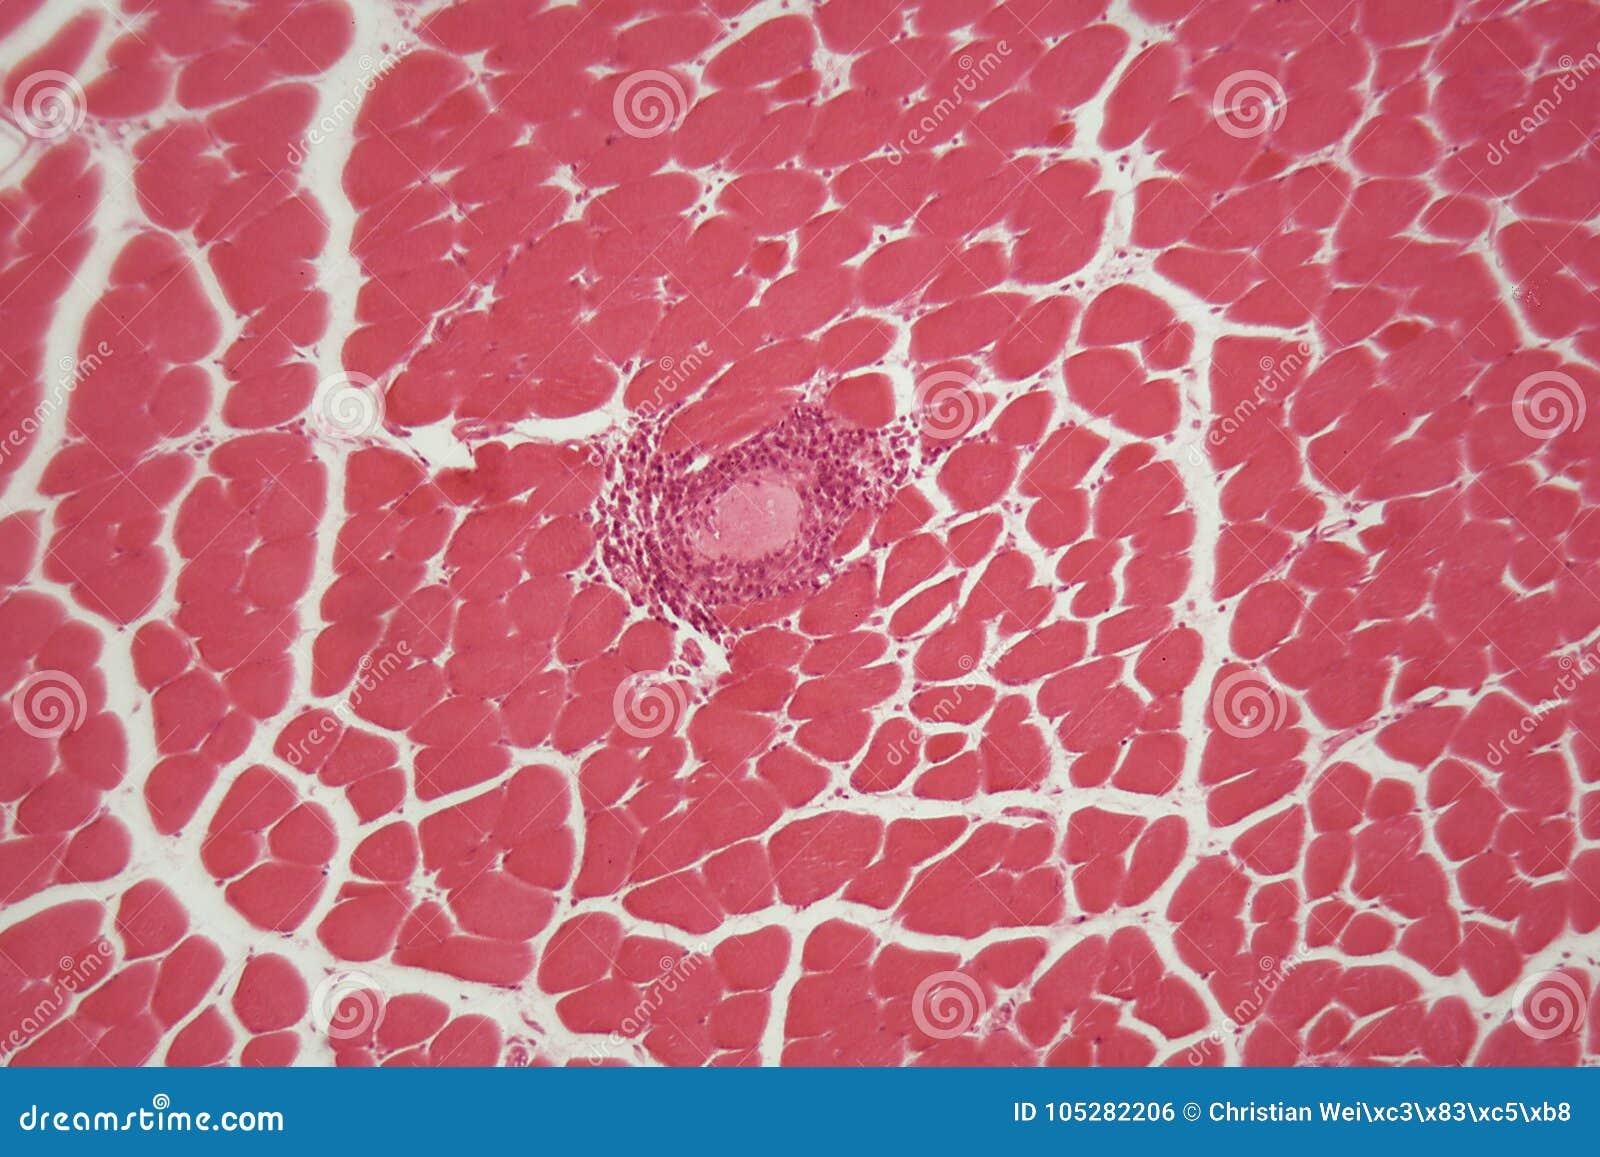 Trichine Spiralis Larven Im Muskelgewebe Unter Dem Mikroskop ...